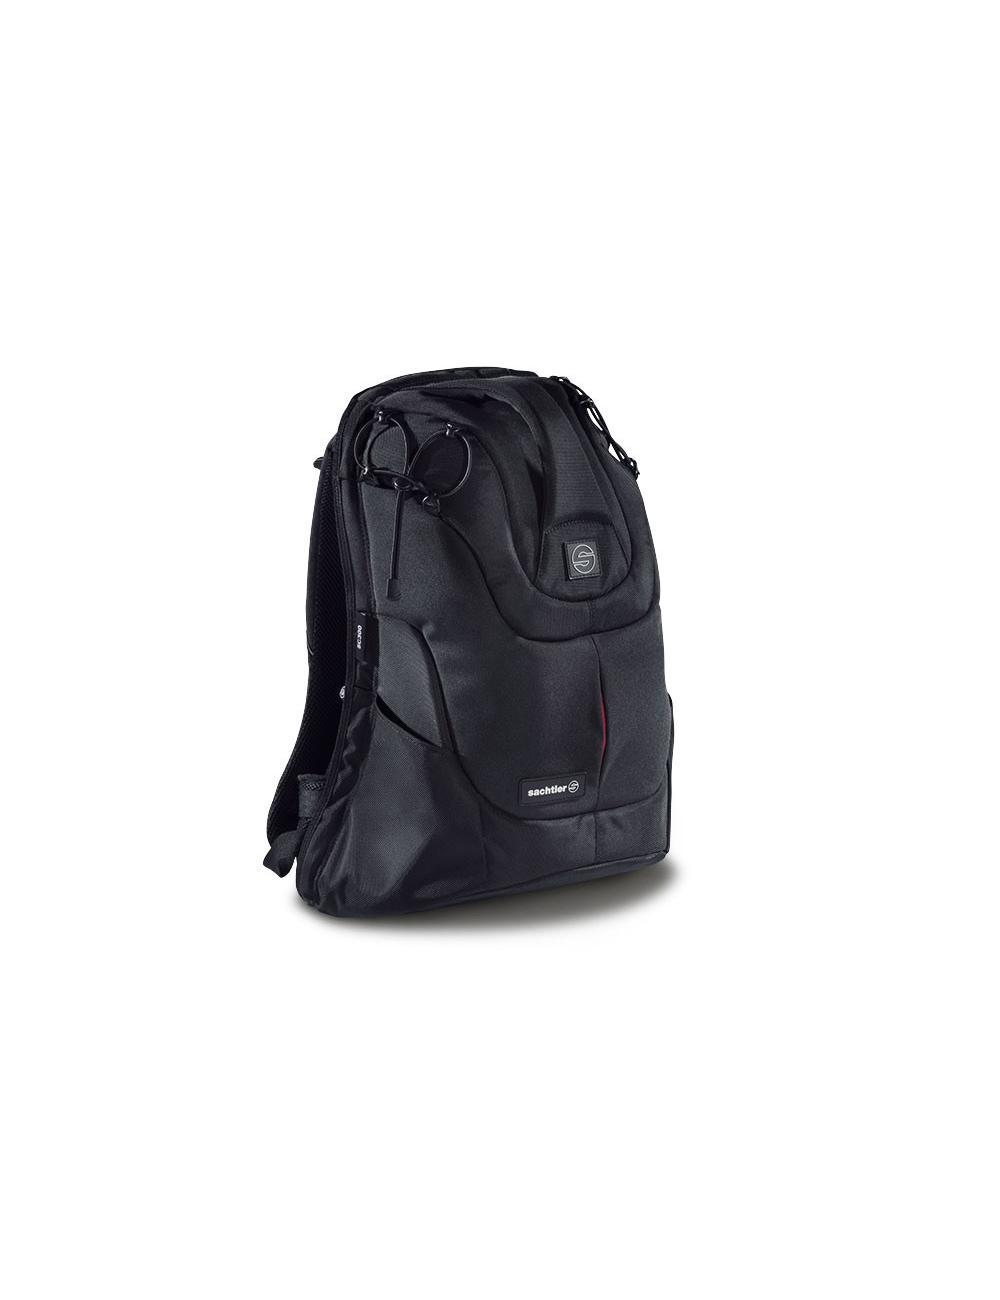 SACHTLER - SC300 - Shell Camera Backpack